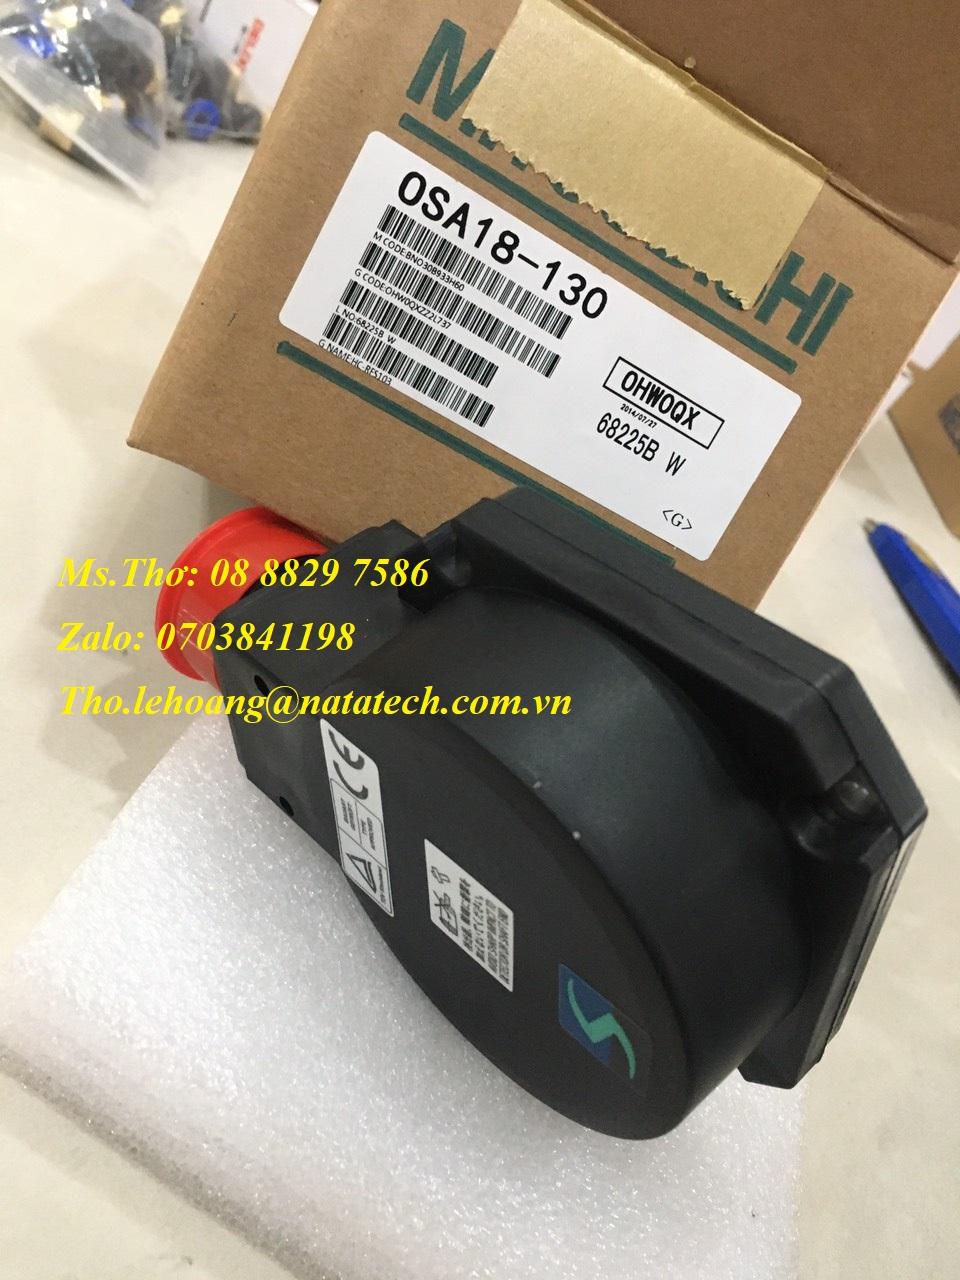 Encoder Mitsubishi OSA18-130 - Công Ty TNHH Natatech